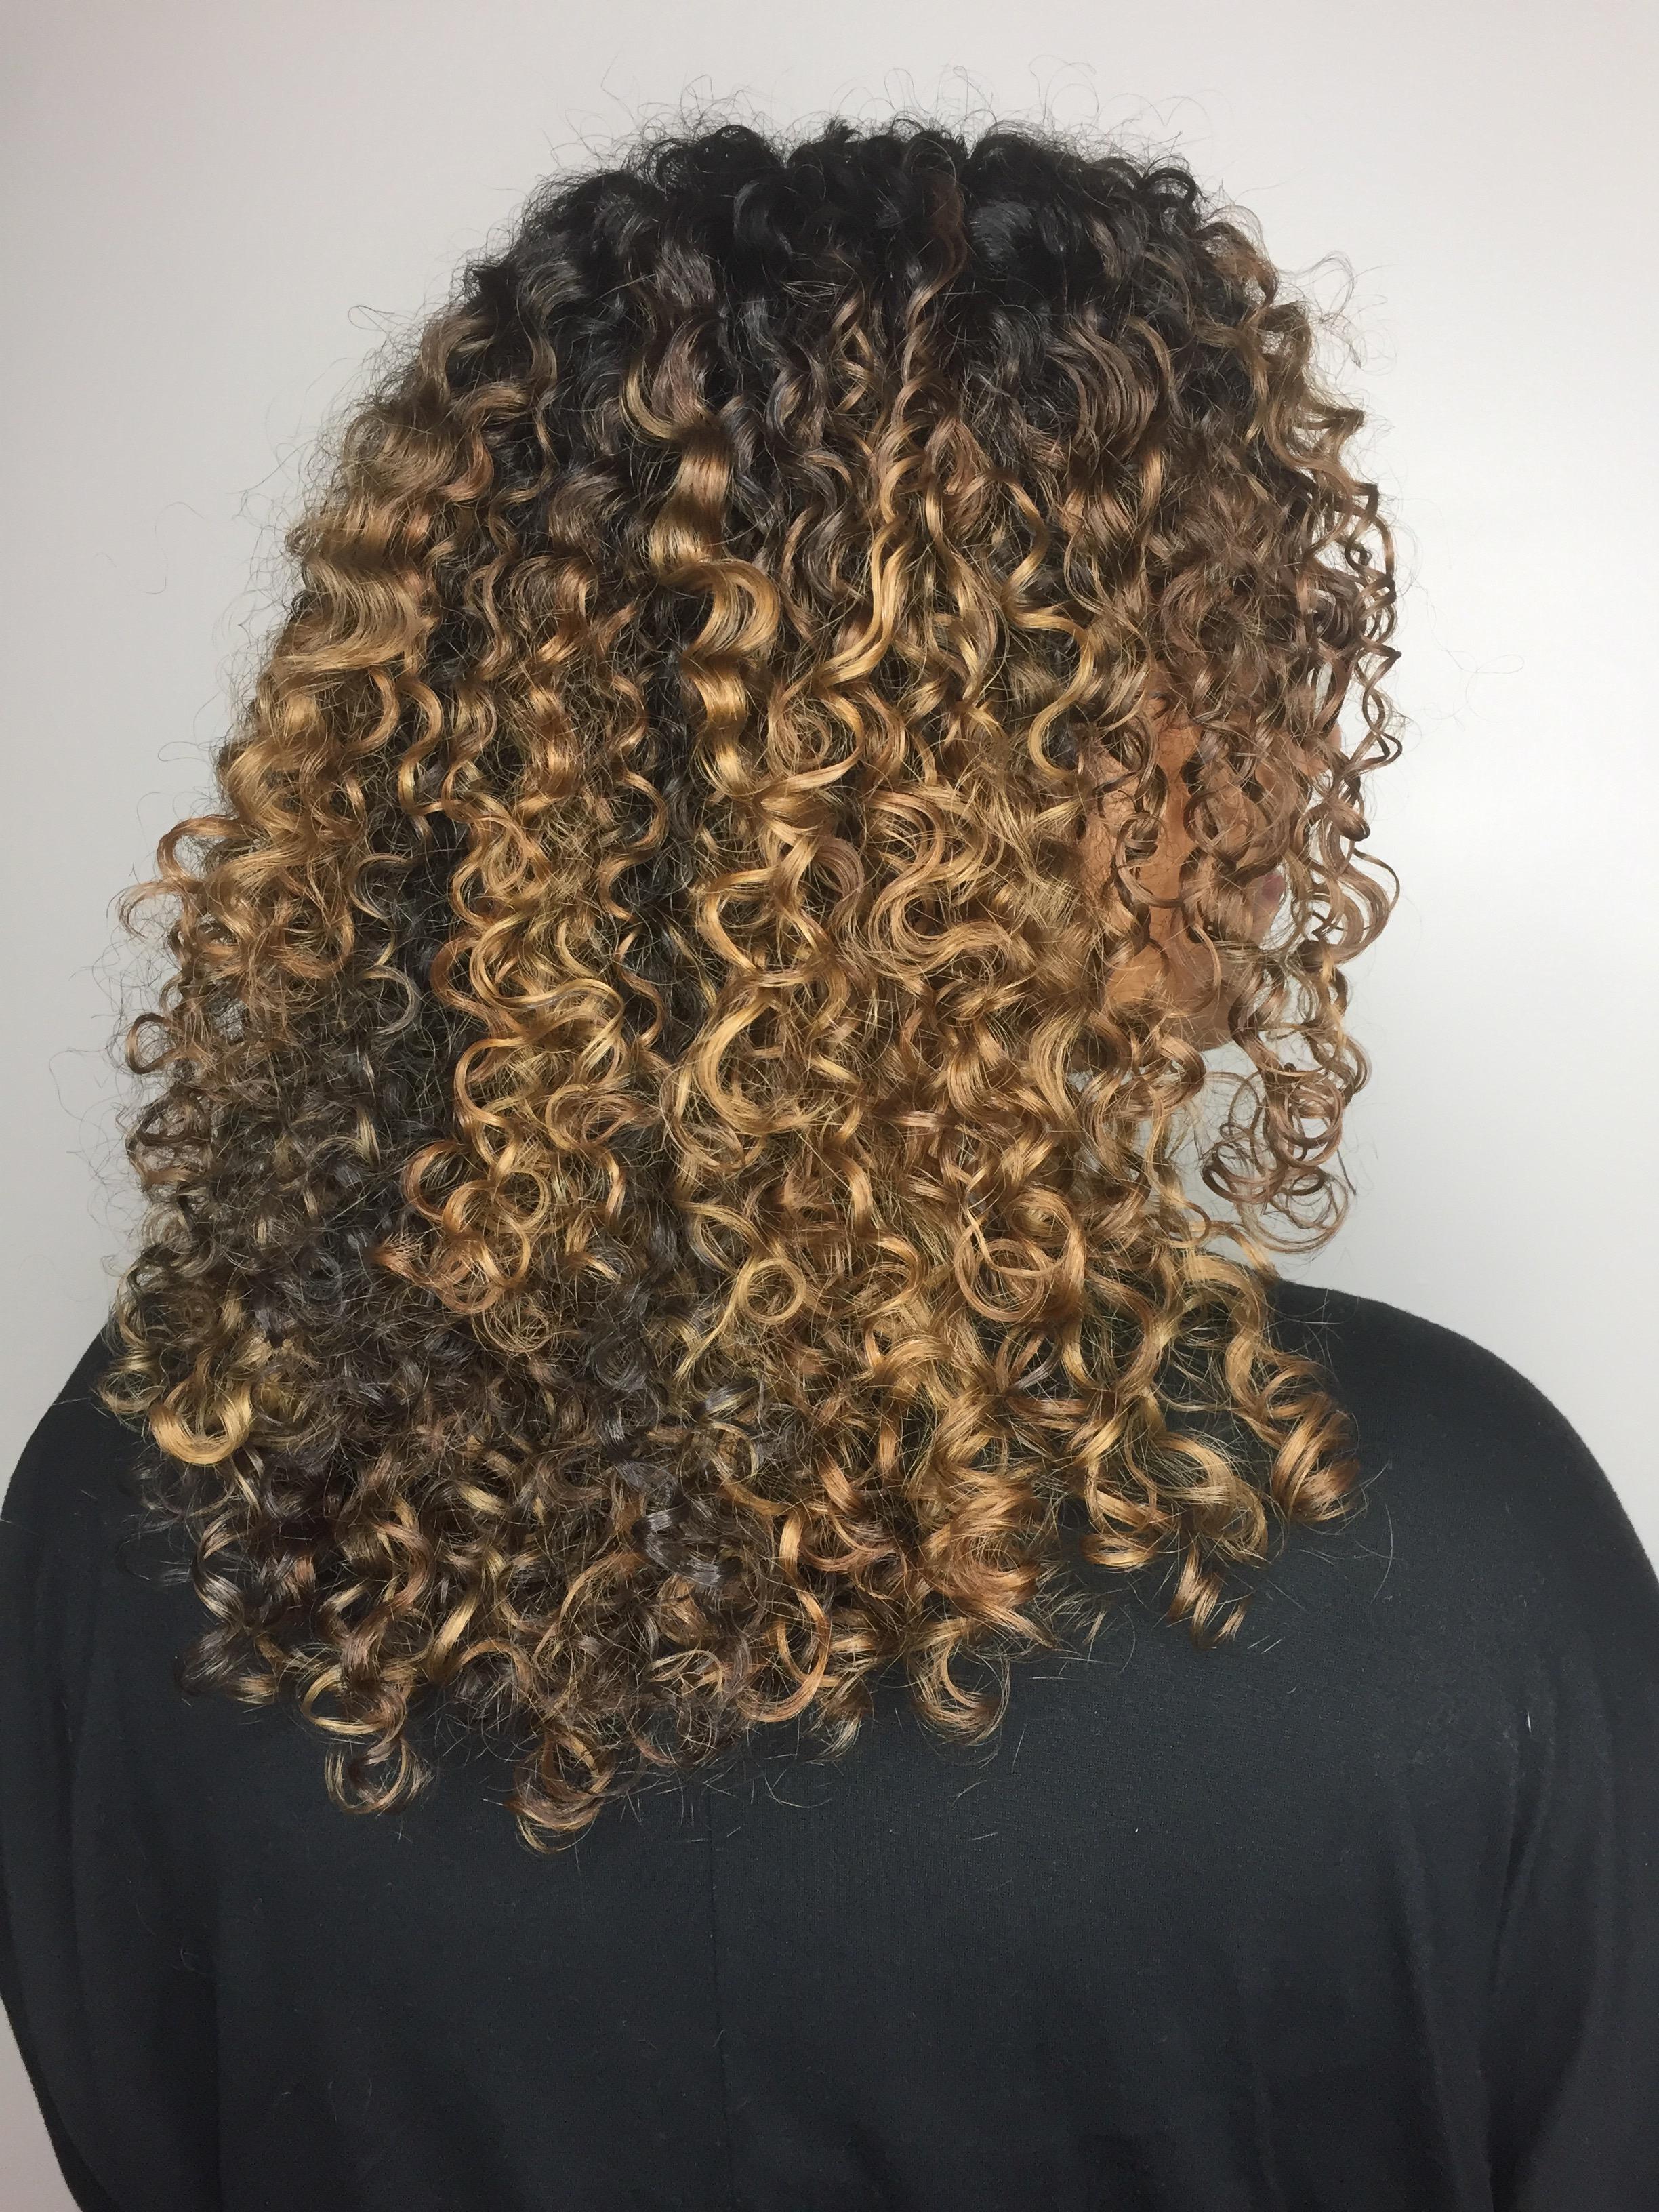 olden curls